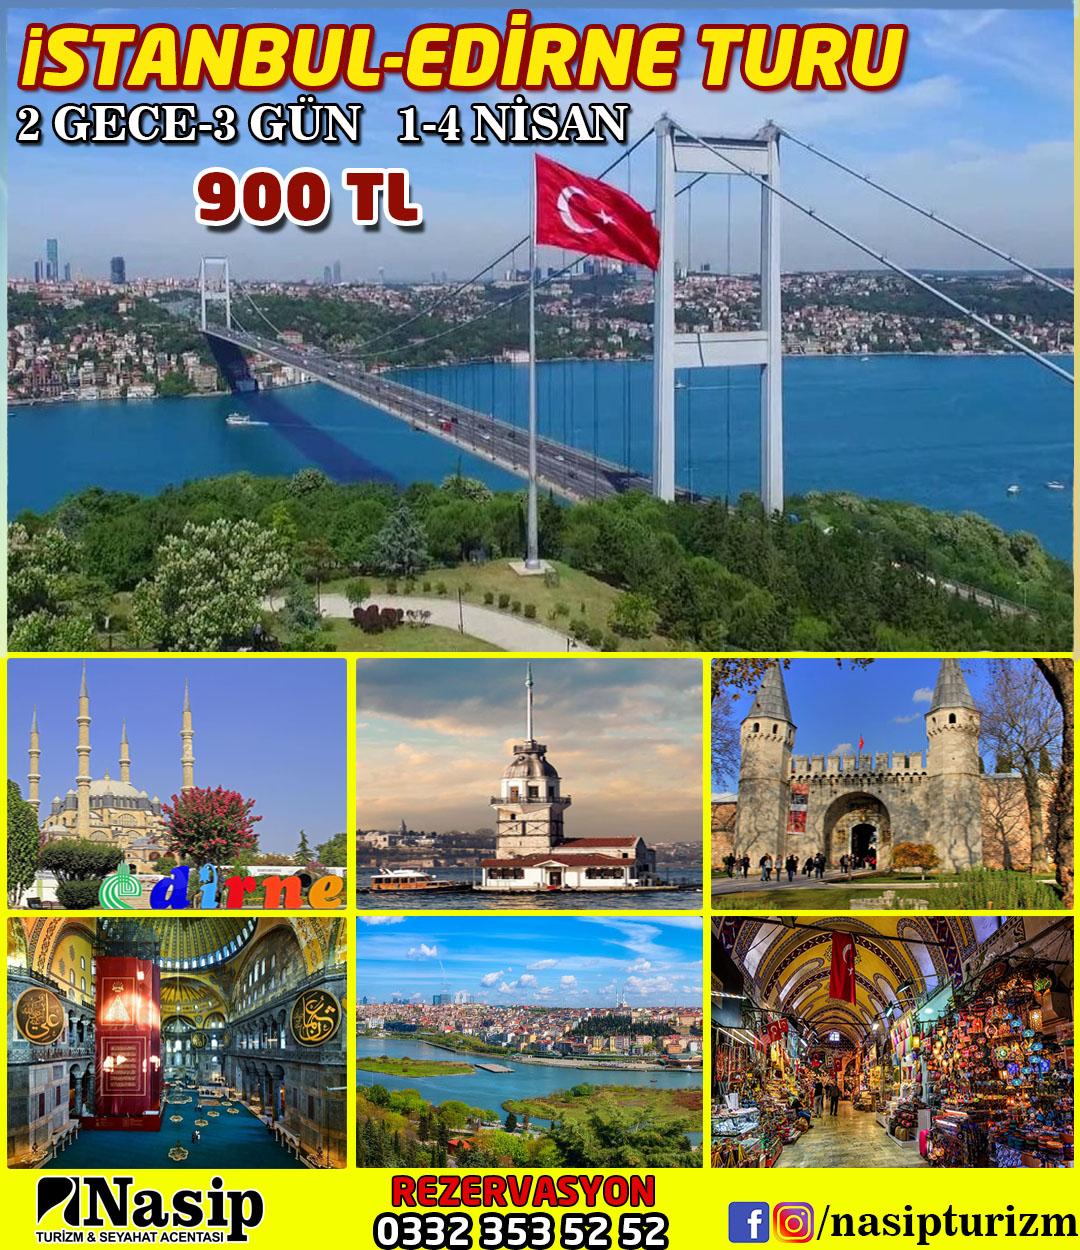 İSTANBUL - EDİRNE TURU  2 GECE 3 GÜN